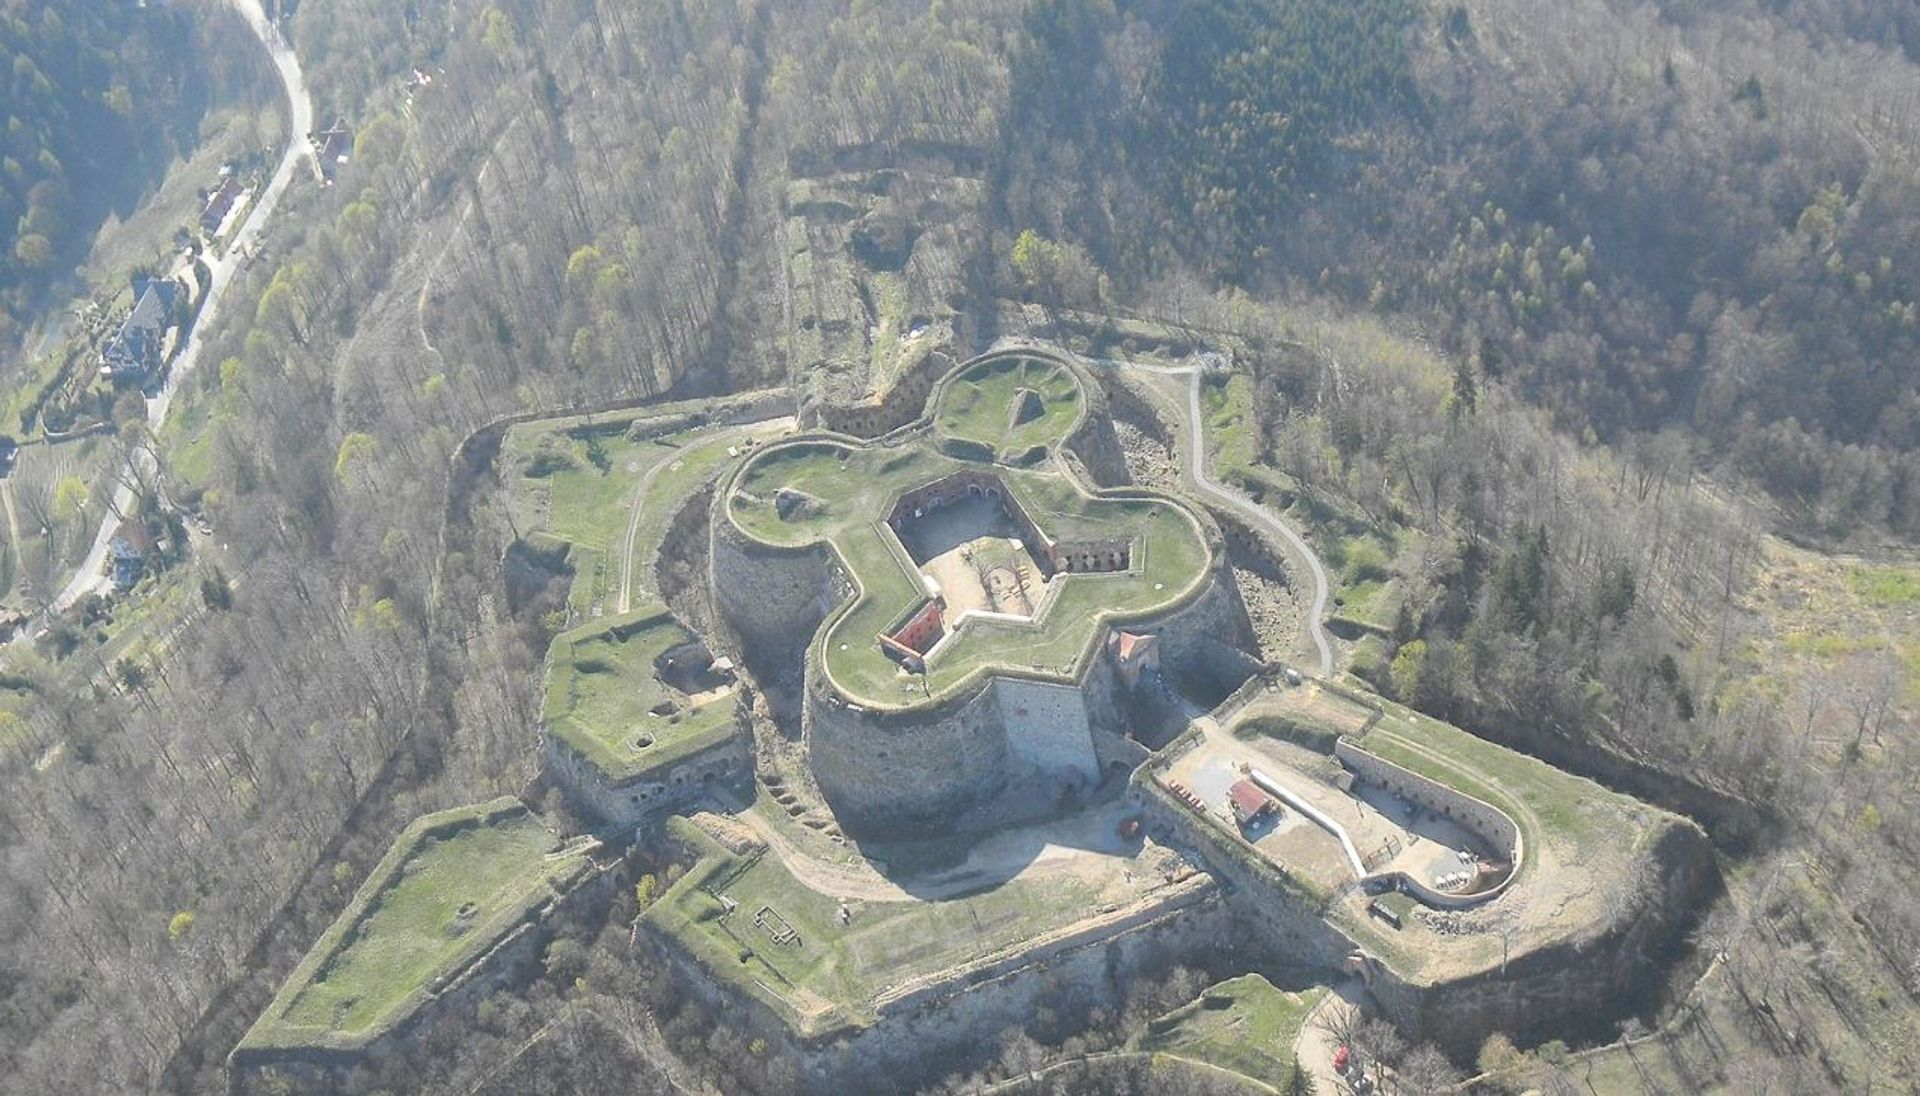 Dolny Śląsk: Ruszył wielki remont zabytkowej Twierdzy Srebrna Góra